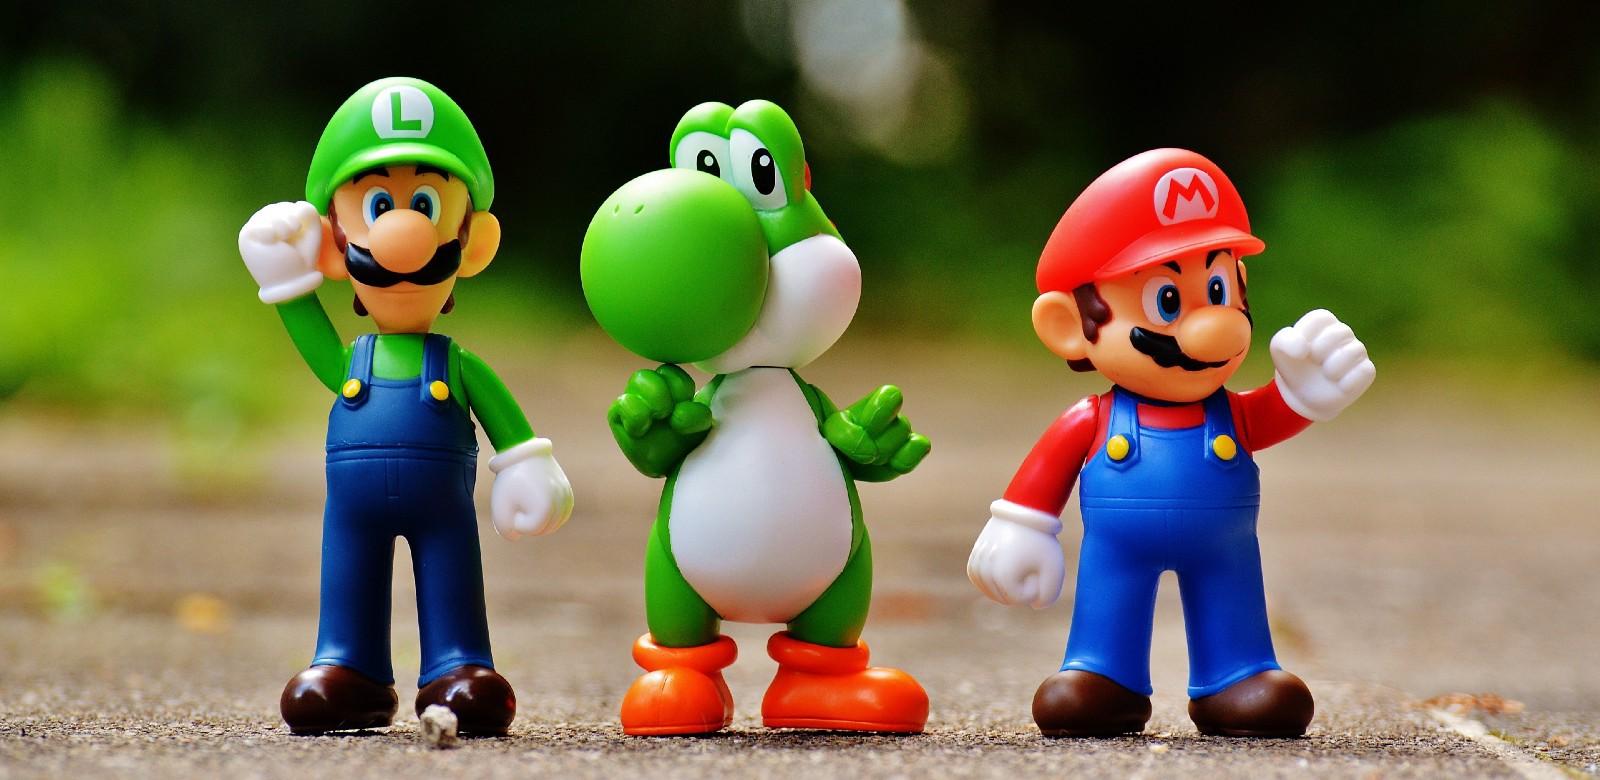 9 sự thật về tựa game Mario hái nấm huyền thoại sẽ khiến bạn phải giật mình - Ảnh 8.